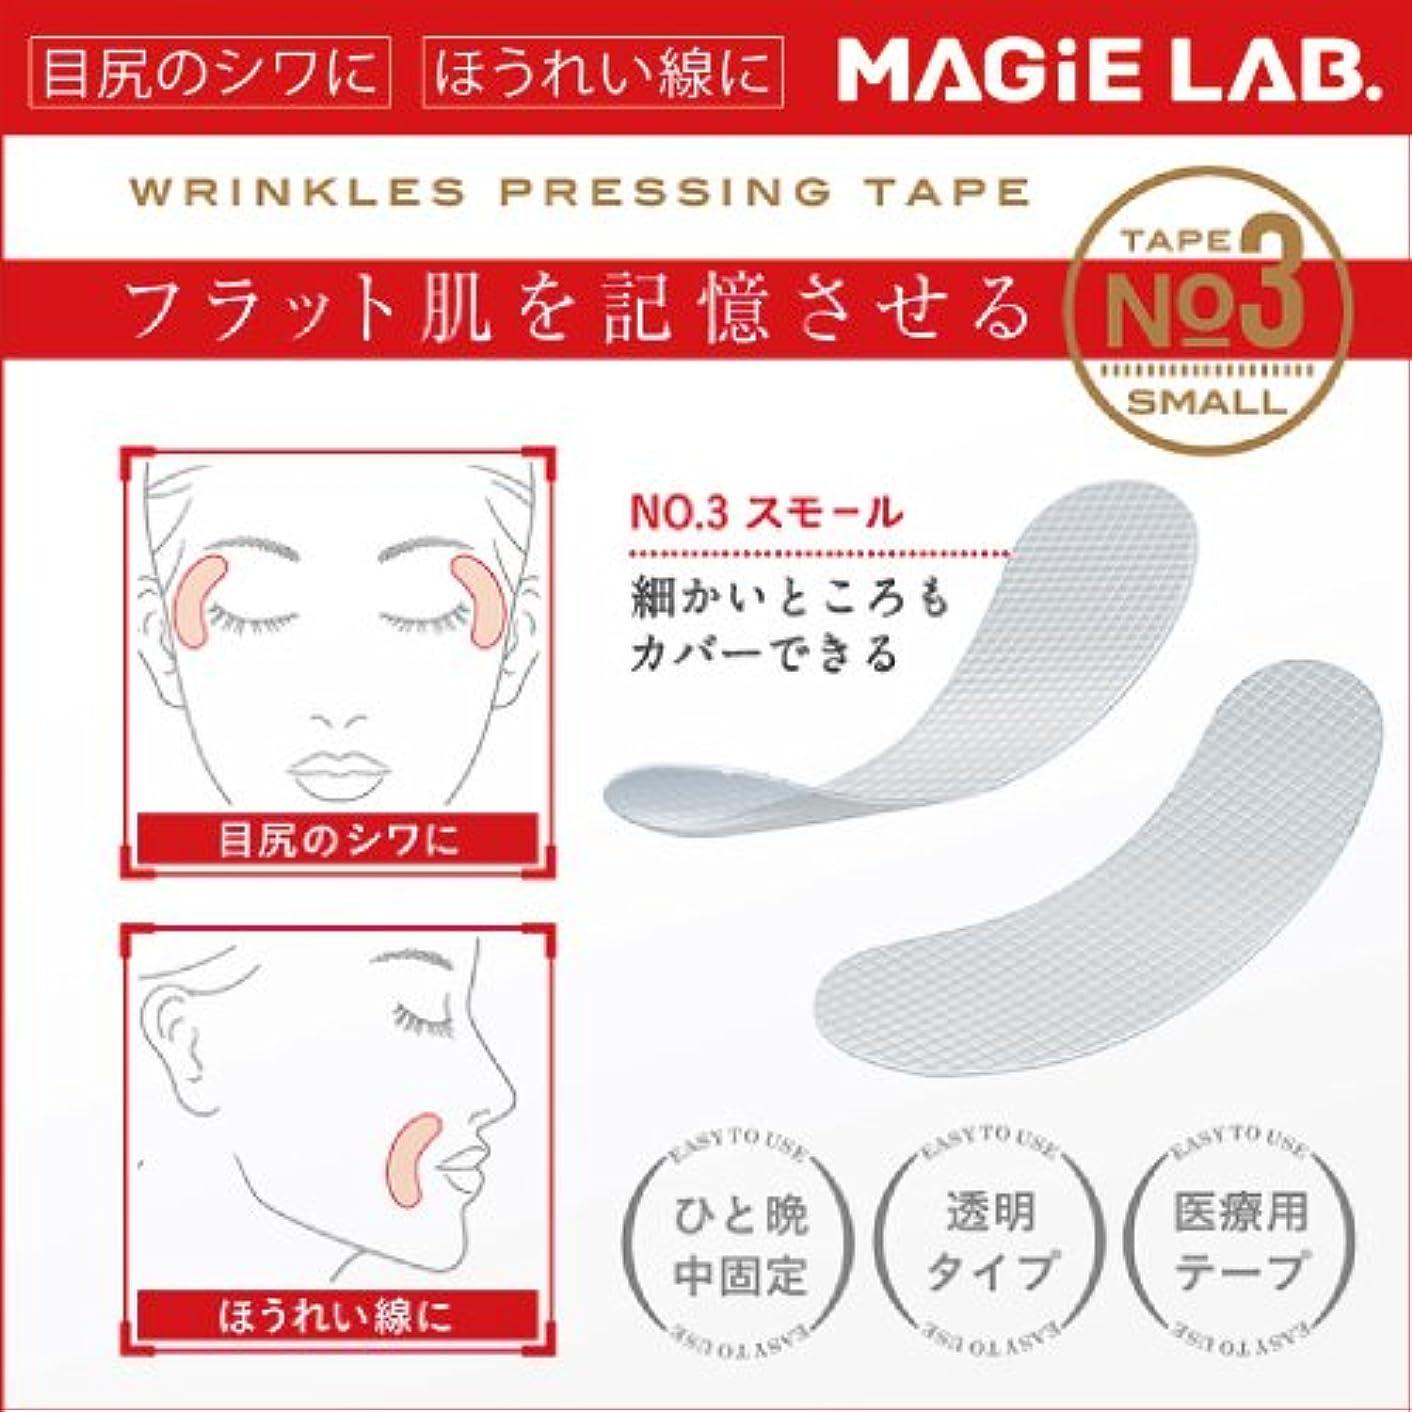 数学者コンピューター咲くMAGiE LAB.(マジラボ) 細かいところもカバー お休み中のしわ伸ばしテープ No.3スモールタイプ MG22117